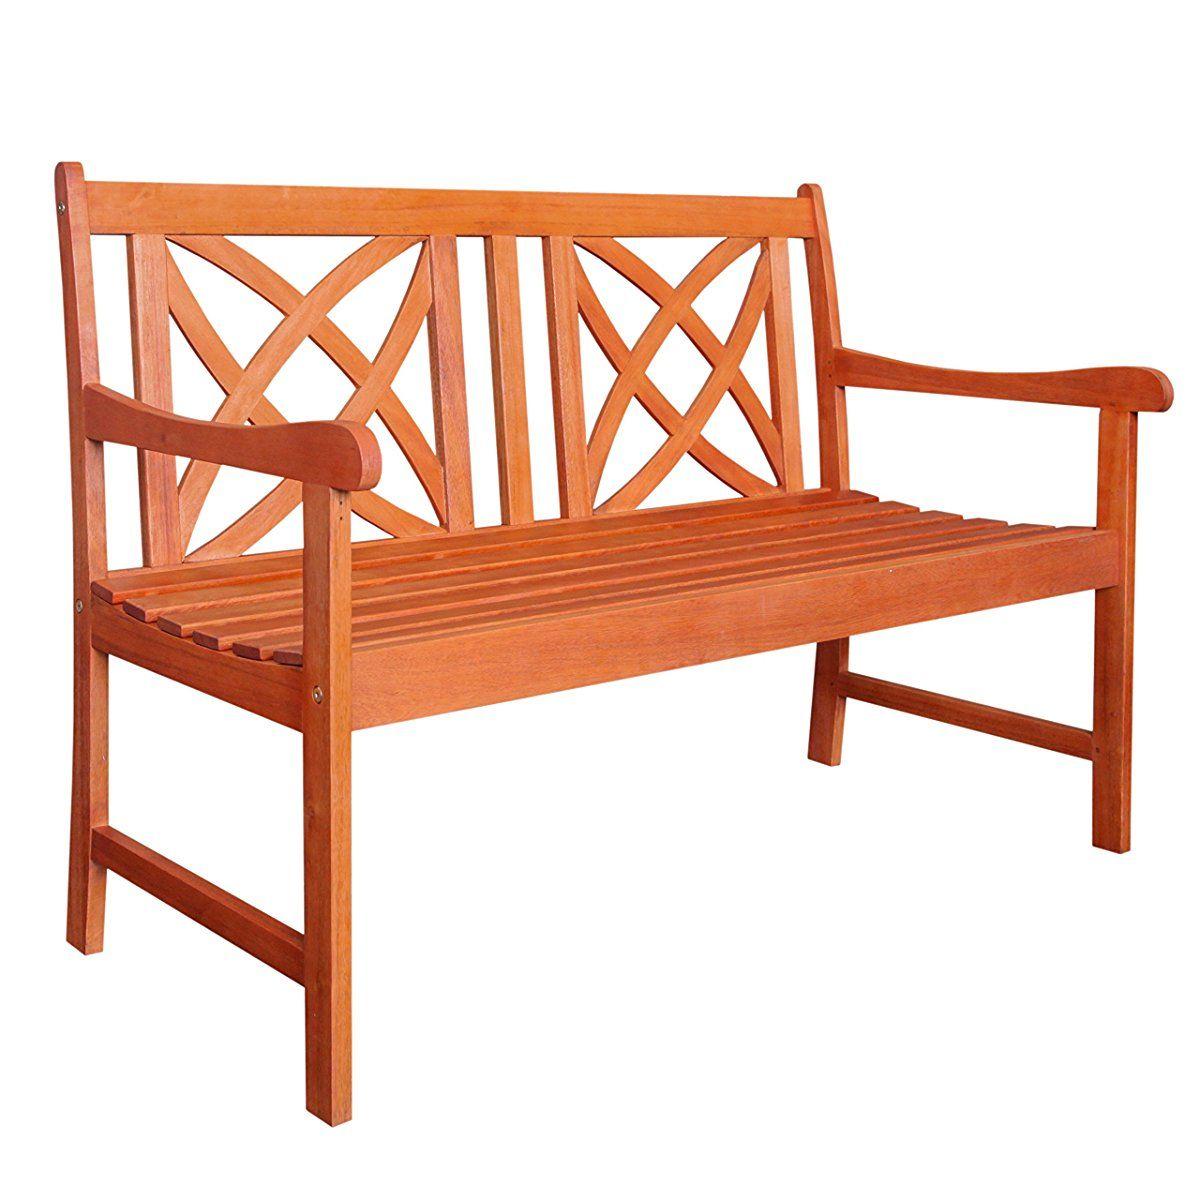 Vifah V1493 Outdoor Wood Garden Bench 4 Feet Decoracao